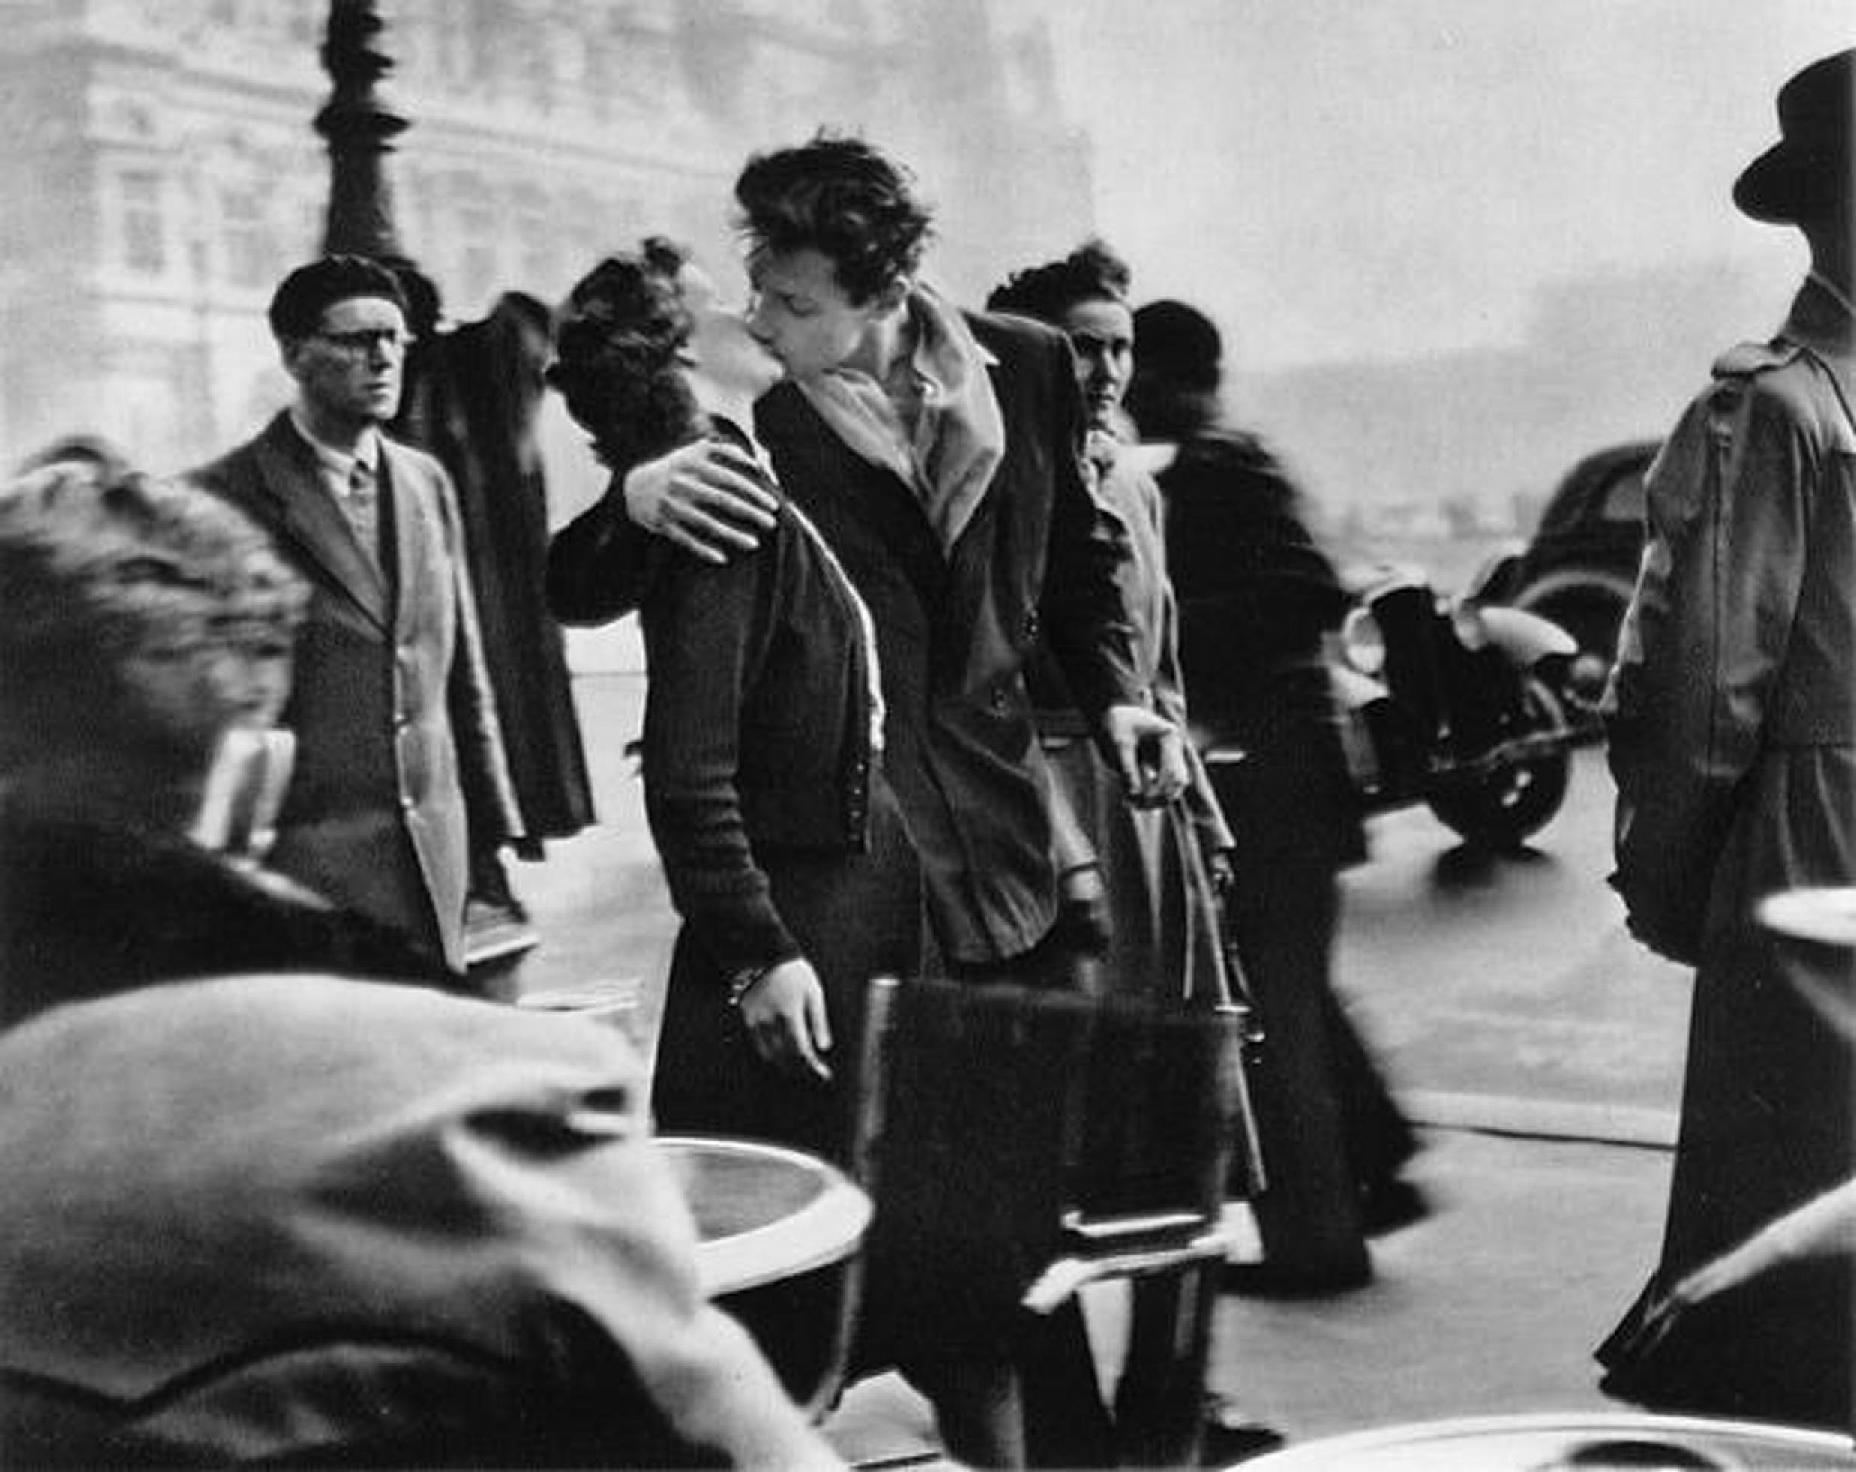 Robert Doisneau - Le baiser de l'hotel de ville (Kiss by the Hotel de Ville © Robert Doisneau